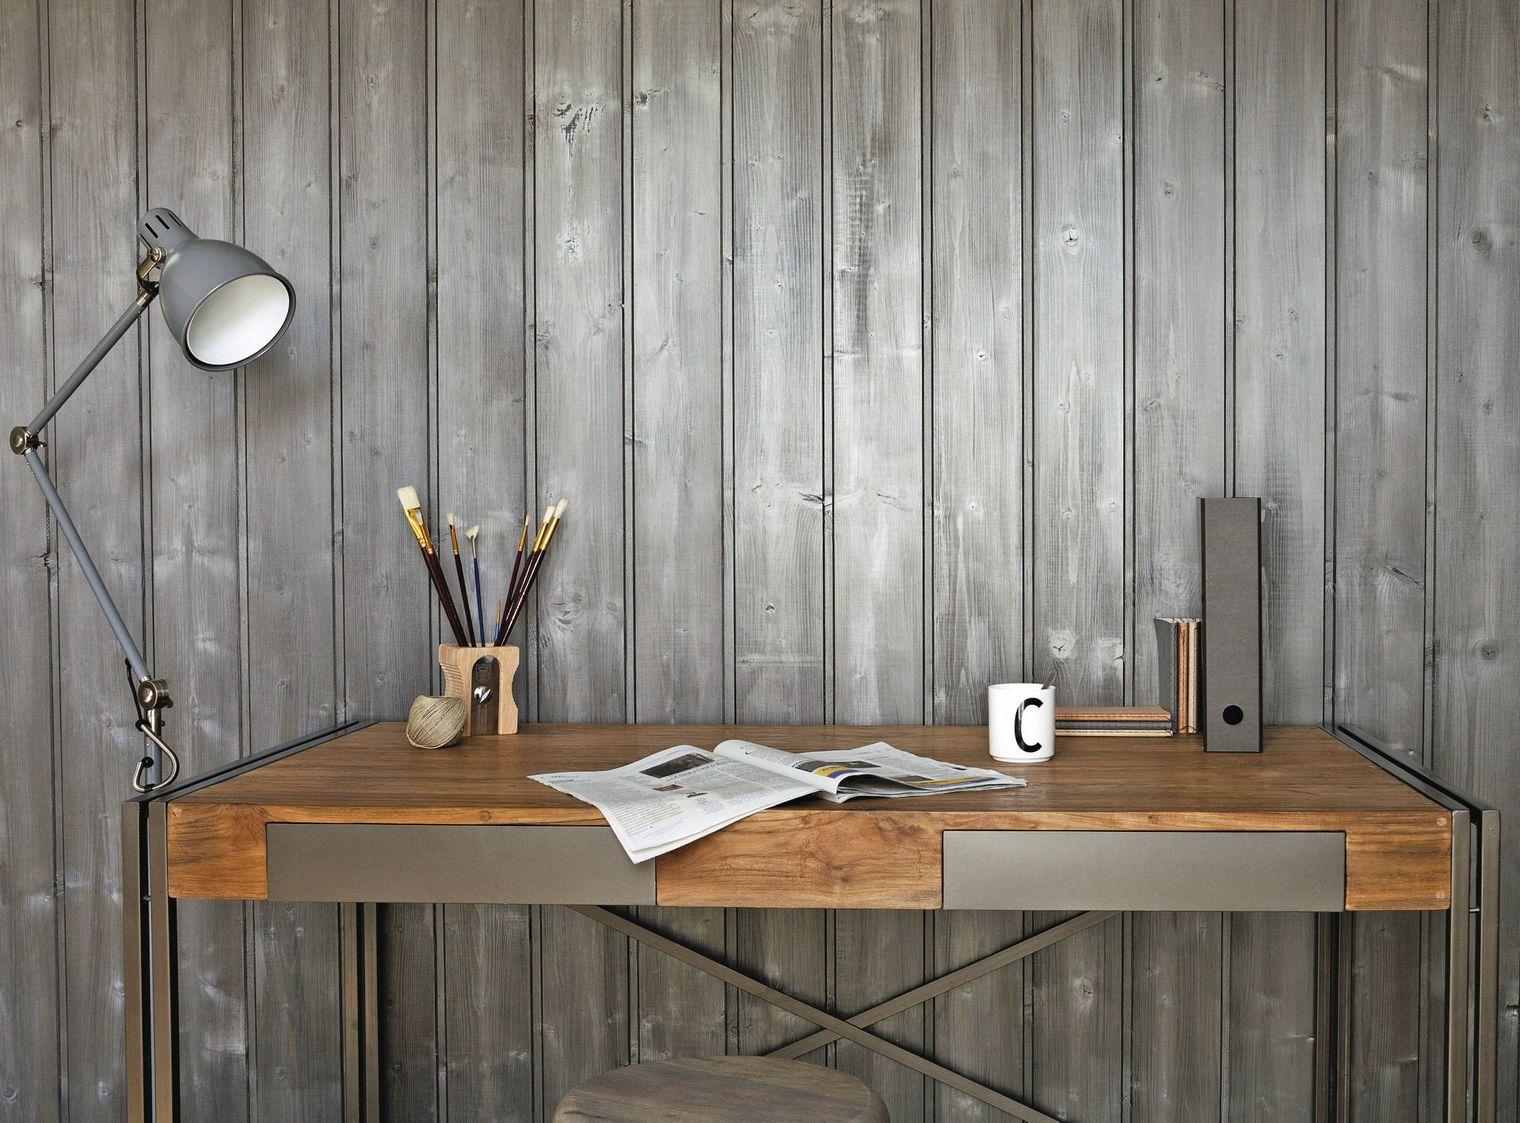 magasin de peinture aubenas ghiotto d coration sp cialiste des produits d coratifs. Black Bedroom Furniture Sets. Home Design Ideas